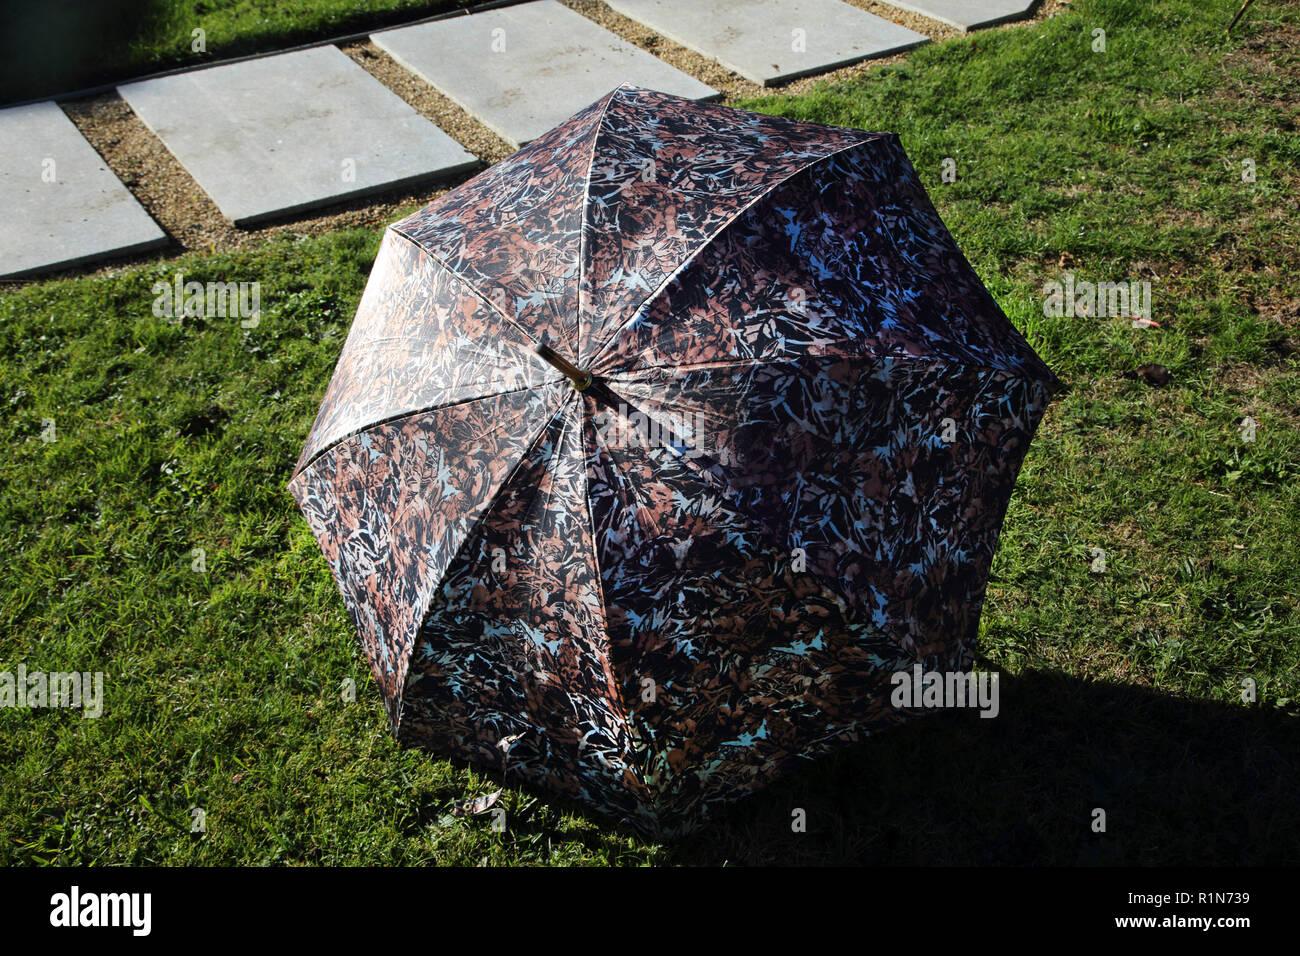 rendimiento superior super popular nueva productos calientes Valentino paraguas Foto & Imagen De Stock: 224816013 - Alamy